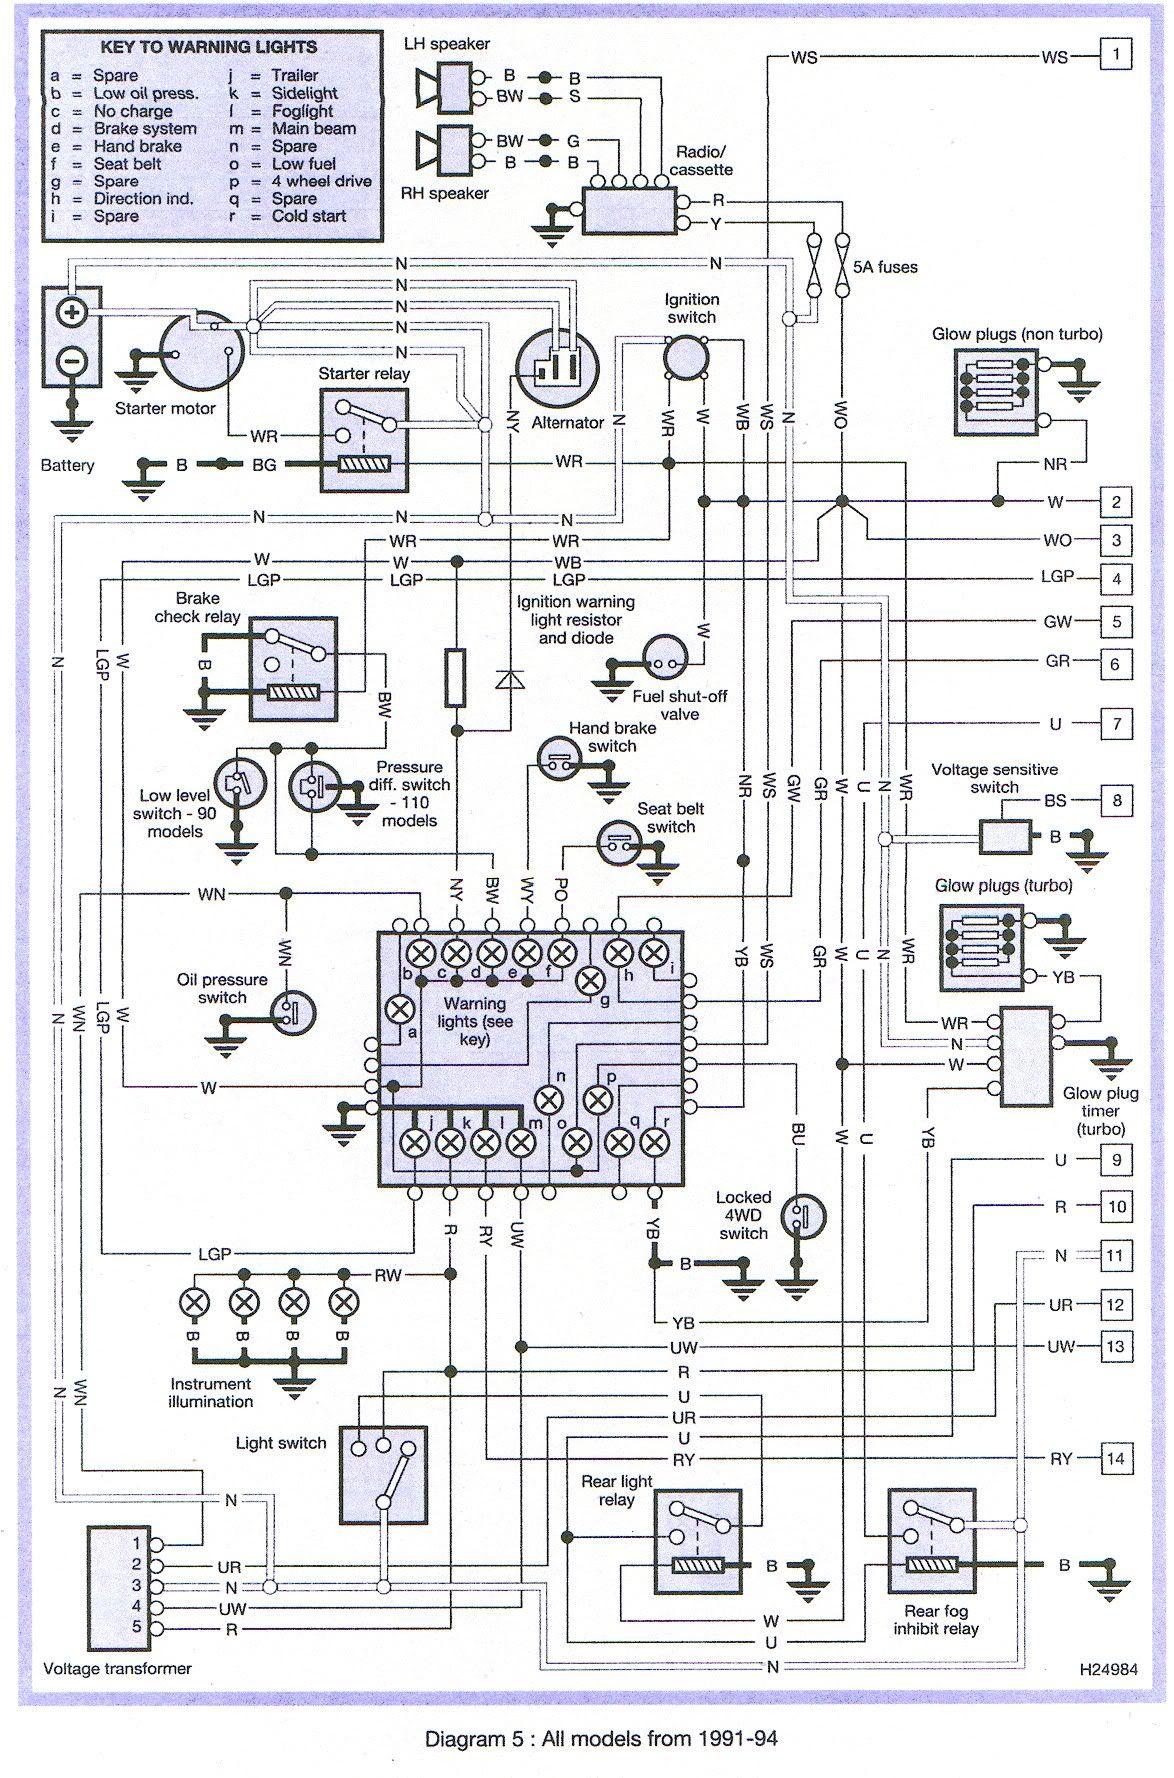 Isuzu Panther Wiring Diagram Engine